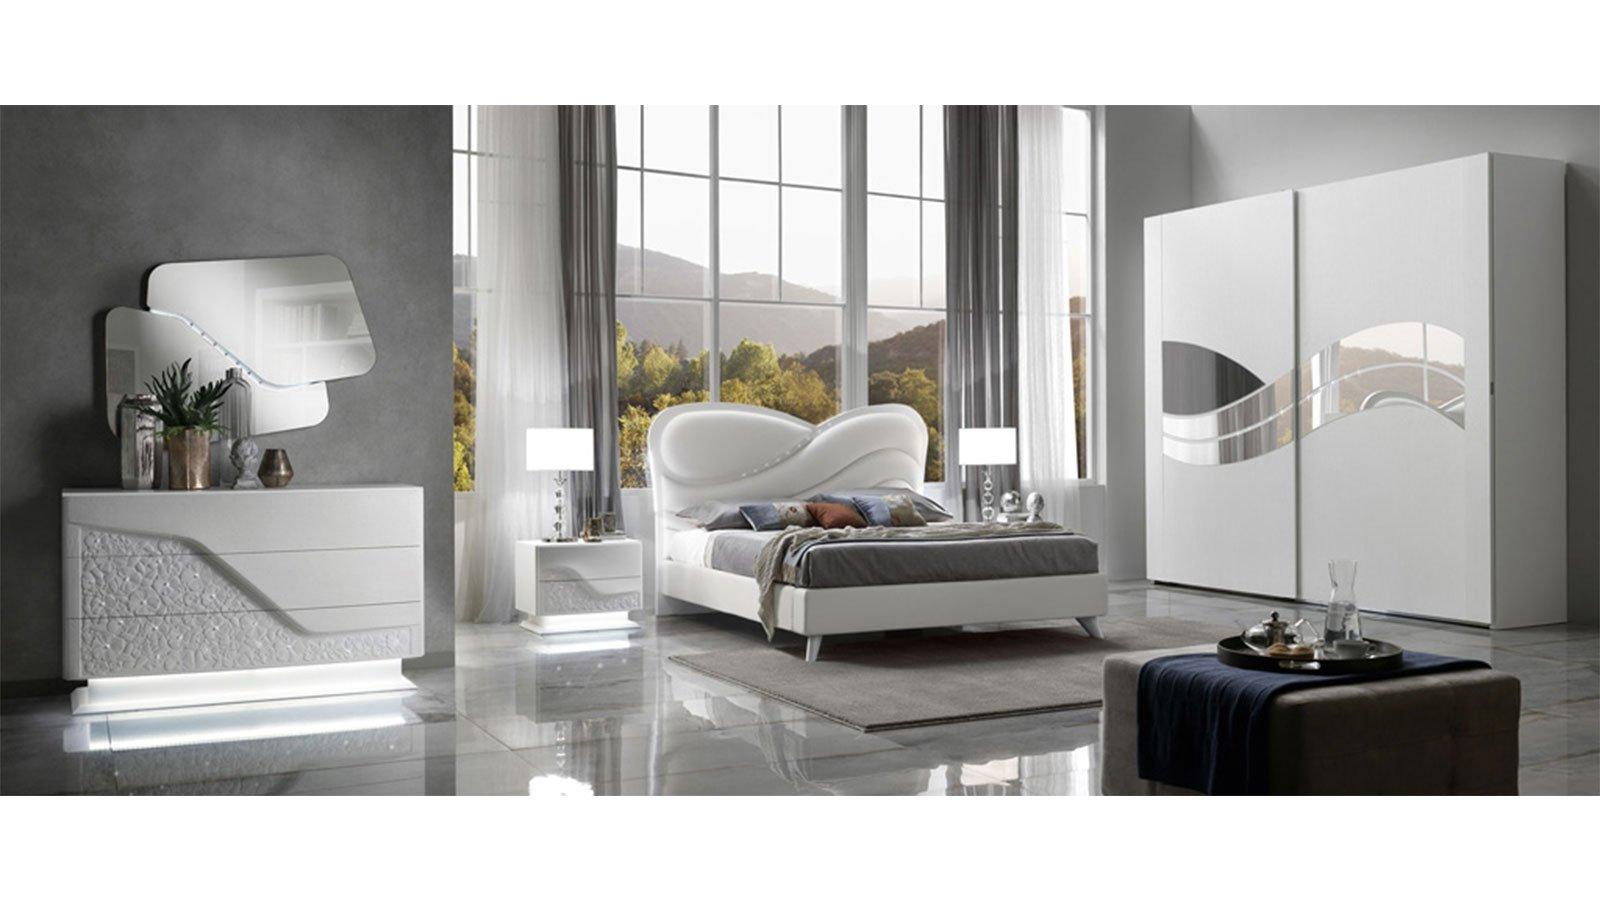 Camera da letto matrimoniale con armadio tre ante scorrevoli e letto con box contenitore. Camera Da Letto Incanto Nikasa Shop Online Arredamento